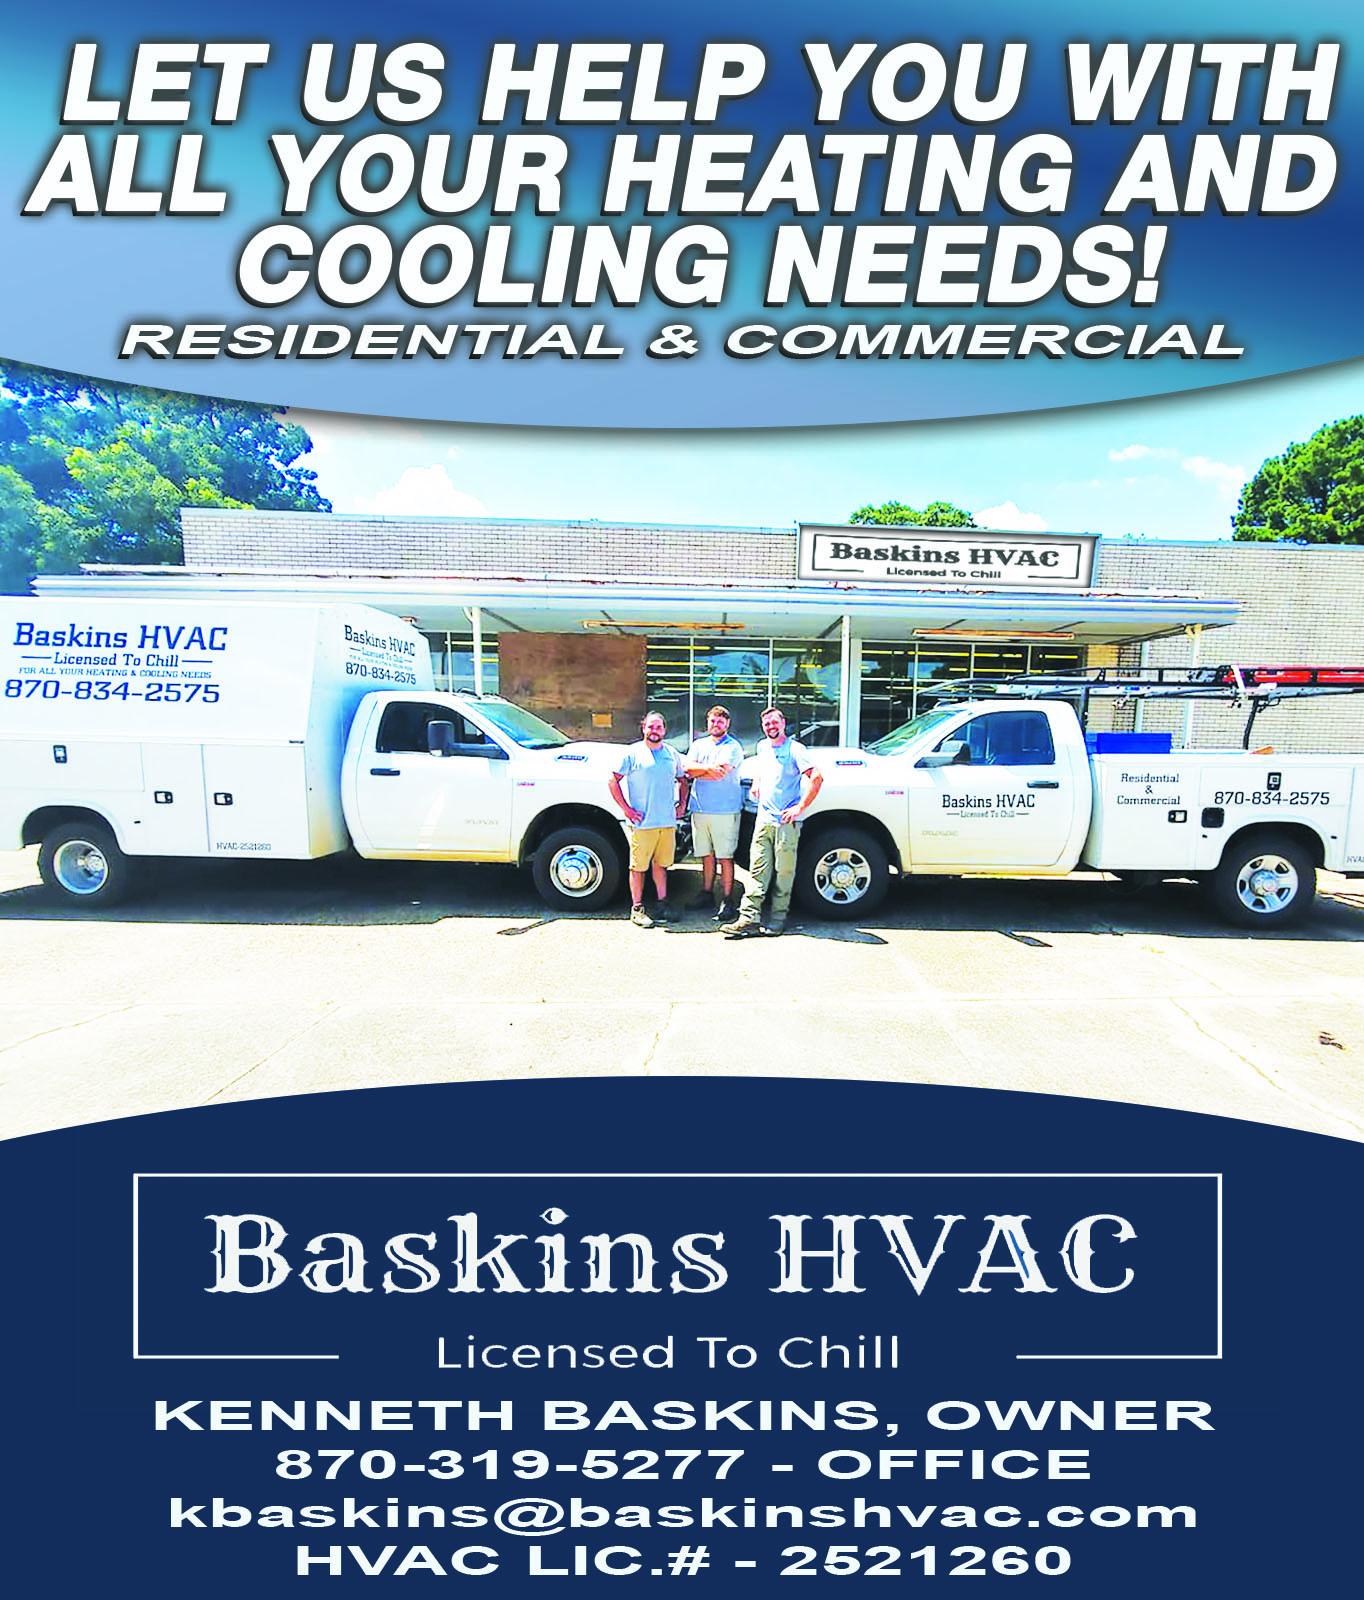 Baskins HVAC ad